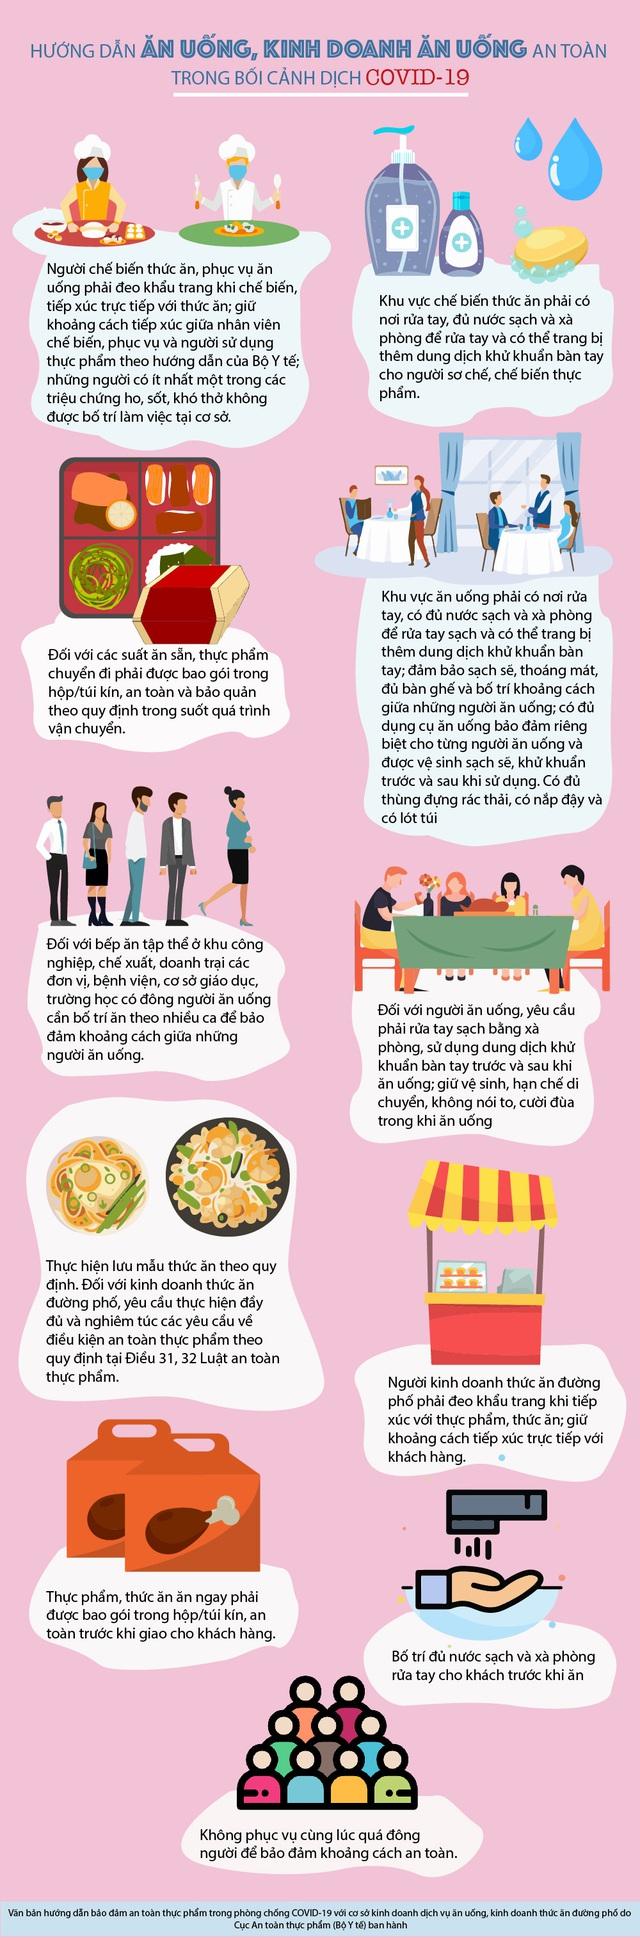 [Infographic] Kinh doanh ăn uống an toàn trong mùa dịch COVID-19 - Ảnh 1.